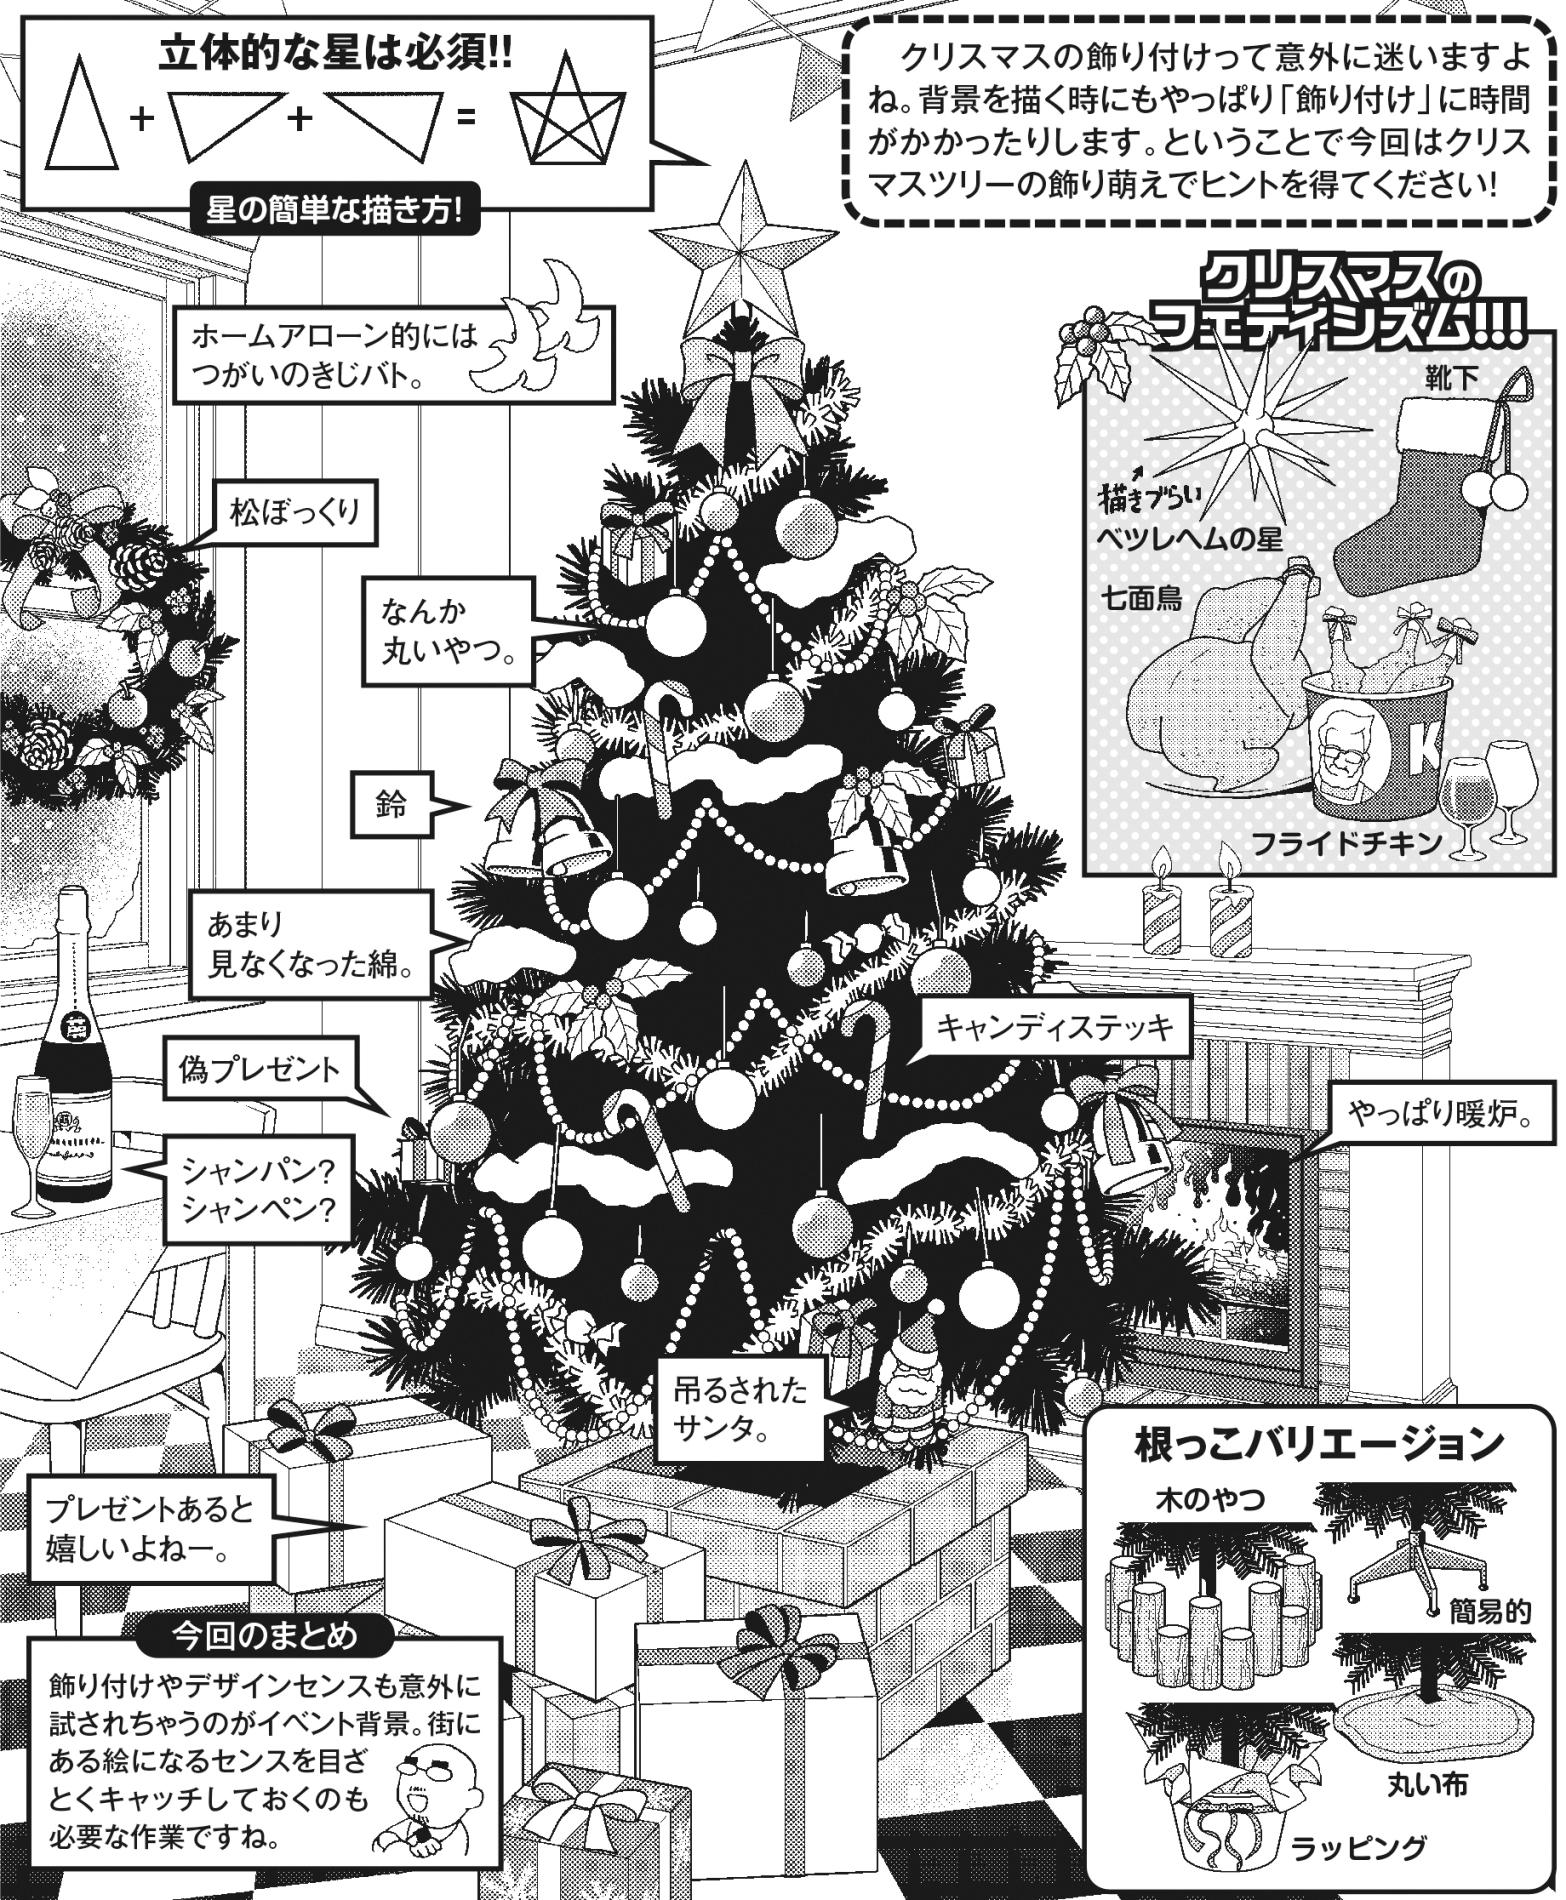 クリスマス イラスト 上手い